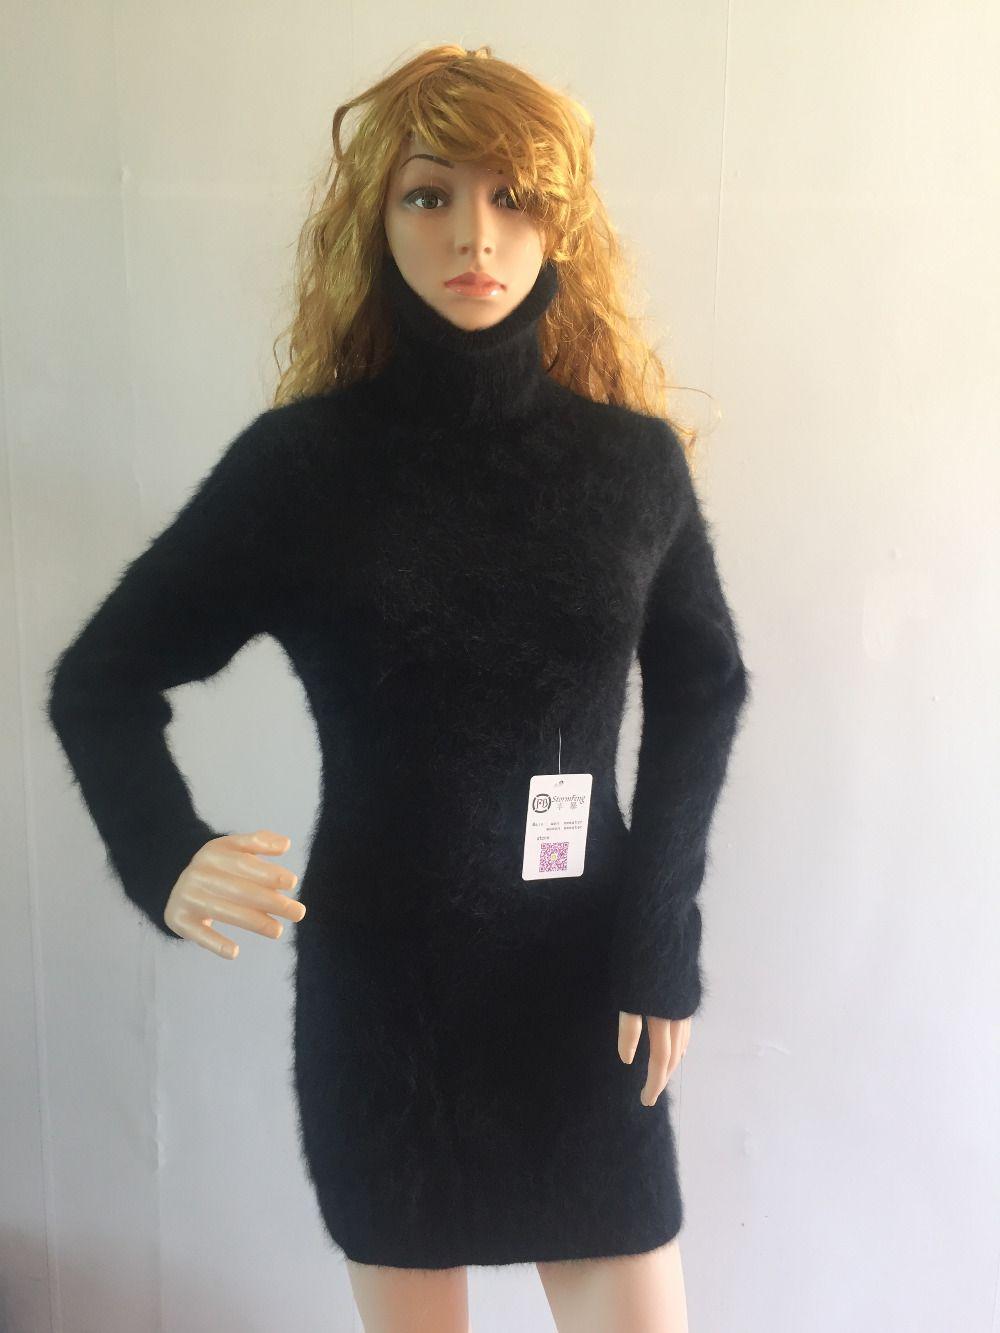 Новые Женские норки кашемировый свитер, компьютер вязаный свитер, Длинные Бесплатная доставка T0065